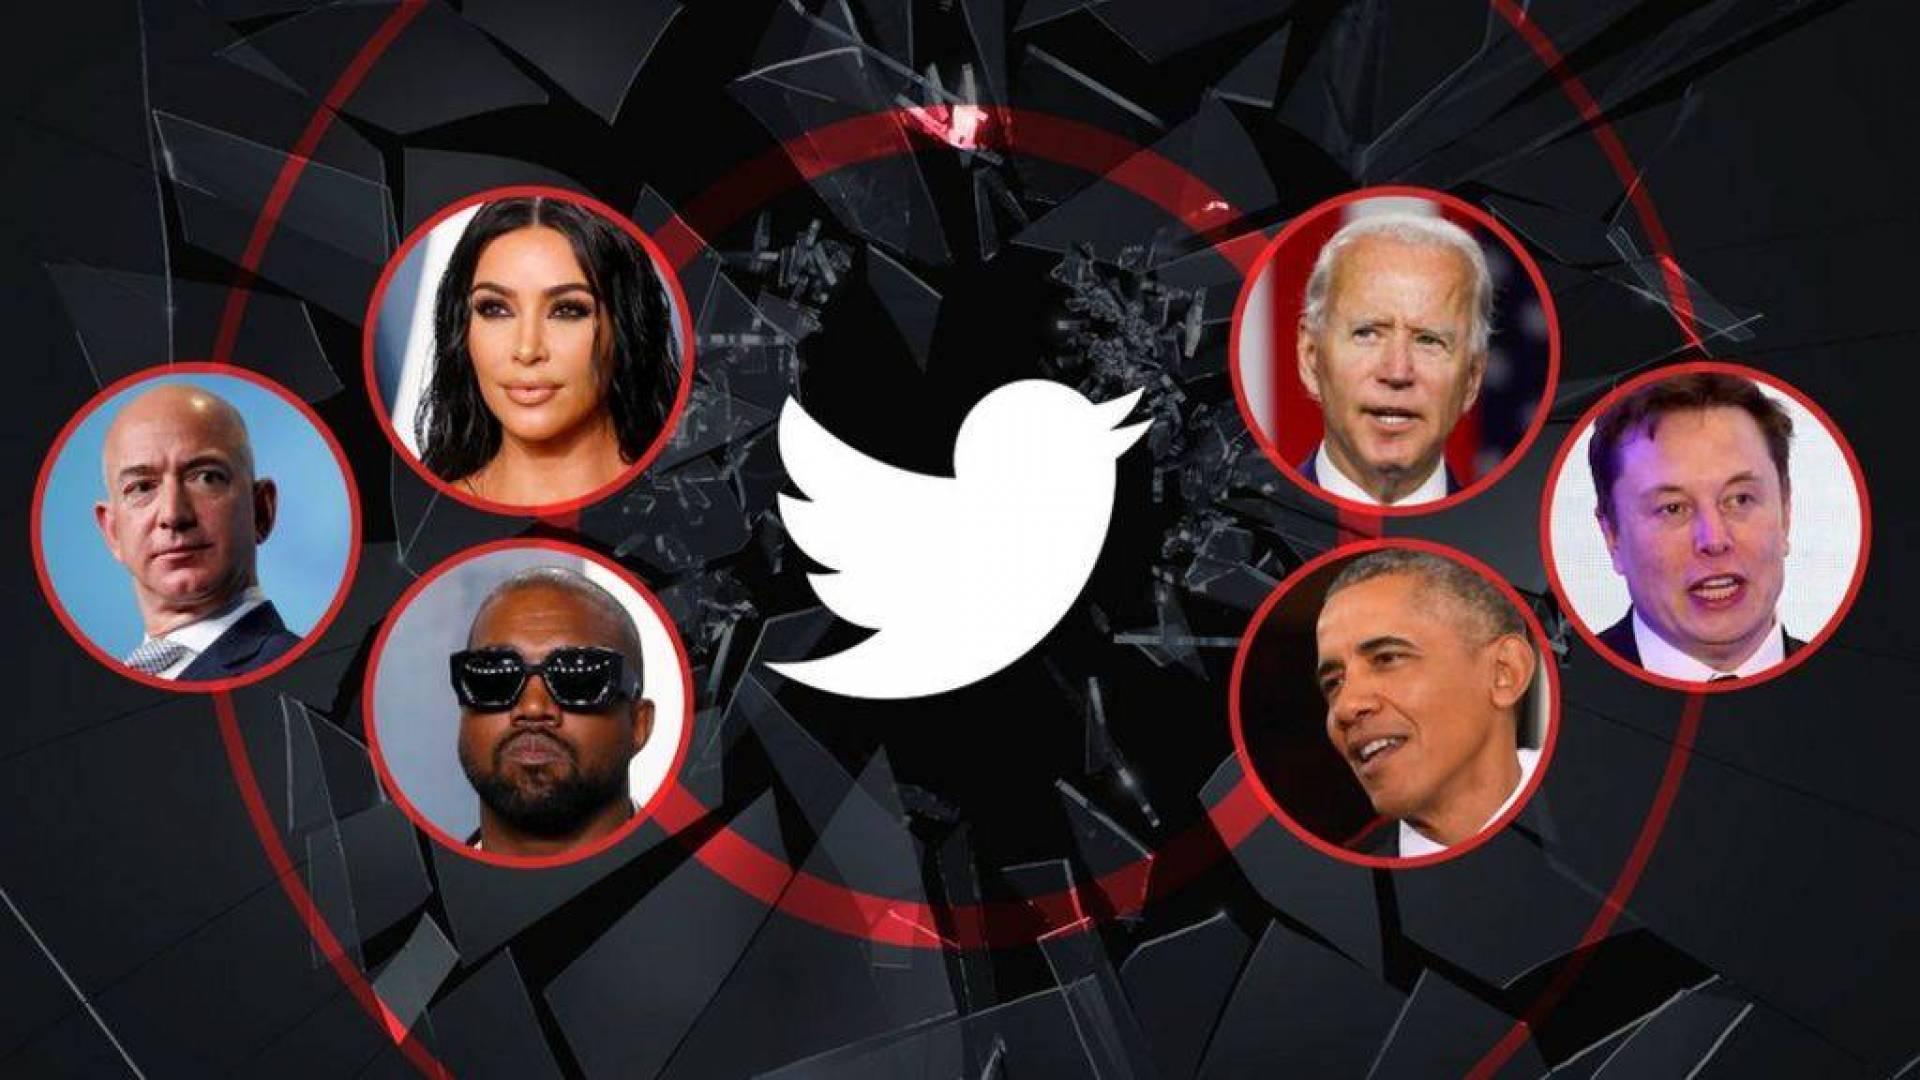 توجيه 3 تهم لشبان في عملية الاختراق الكبير لحسابات تويتر